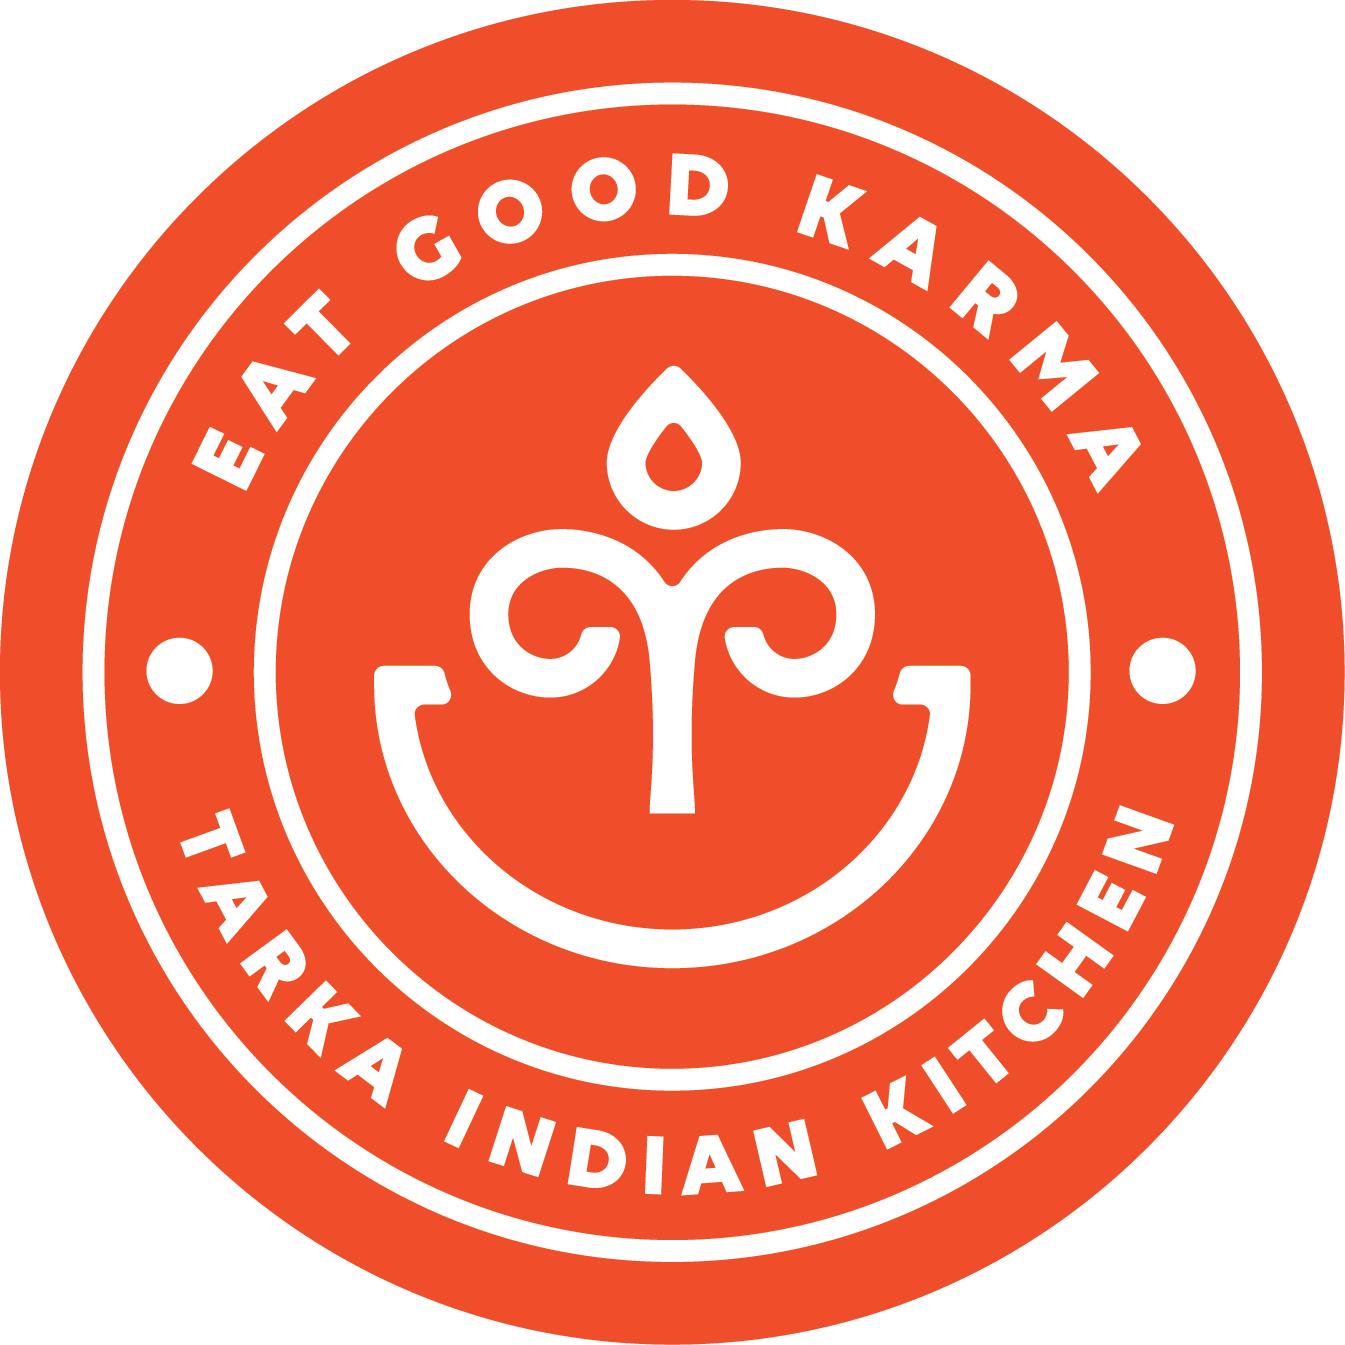 Tarka Indian Kitchen - Sunset Valley Logo